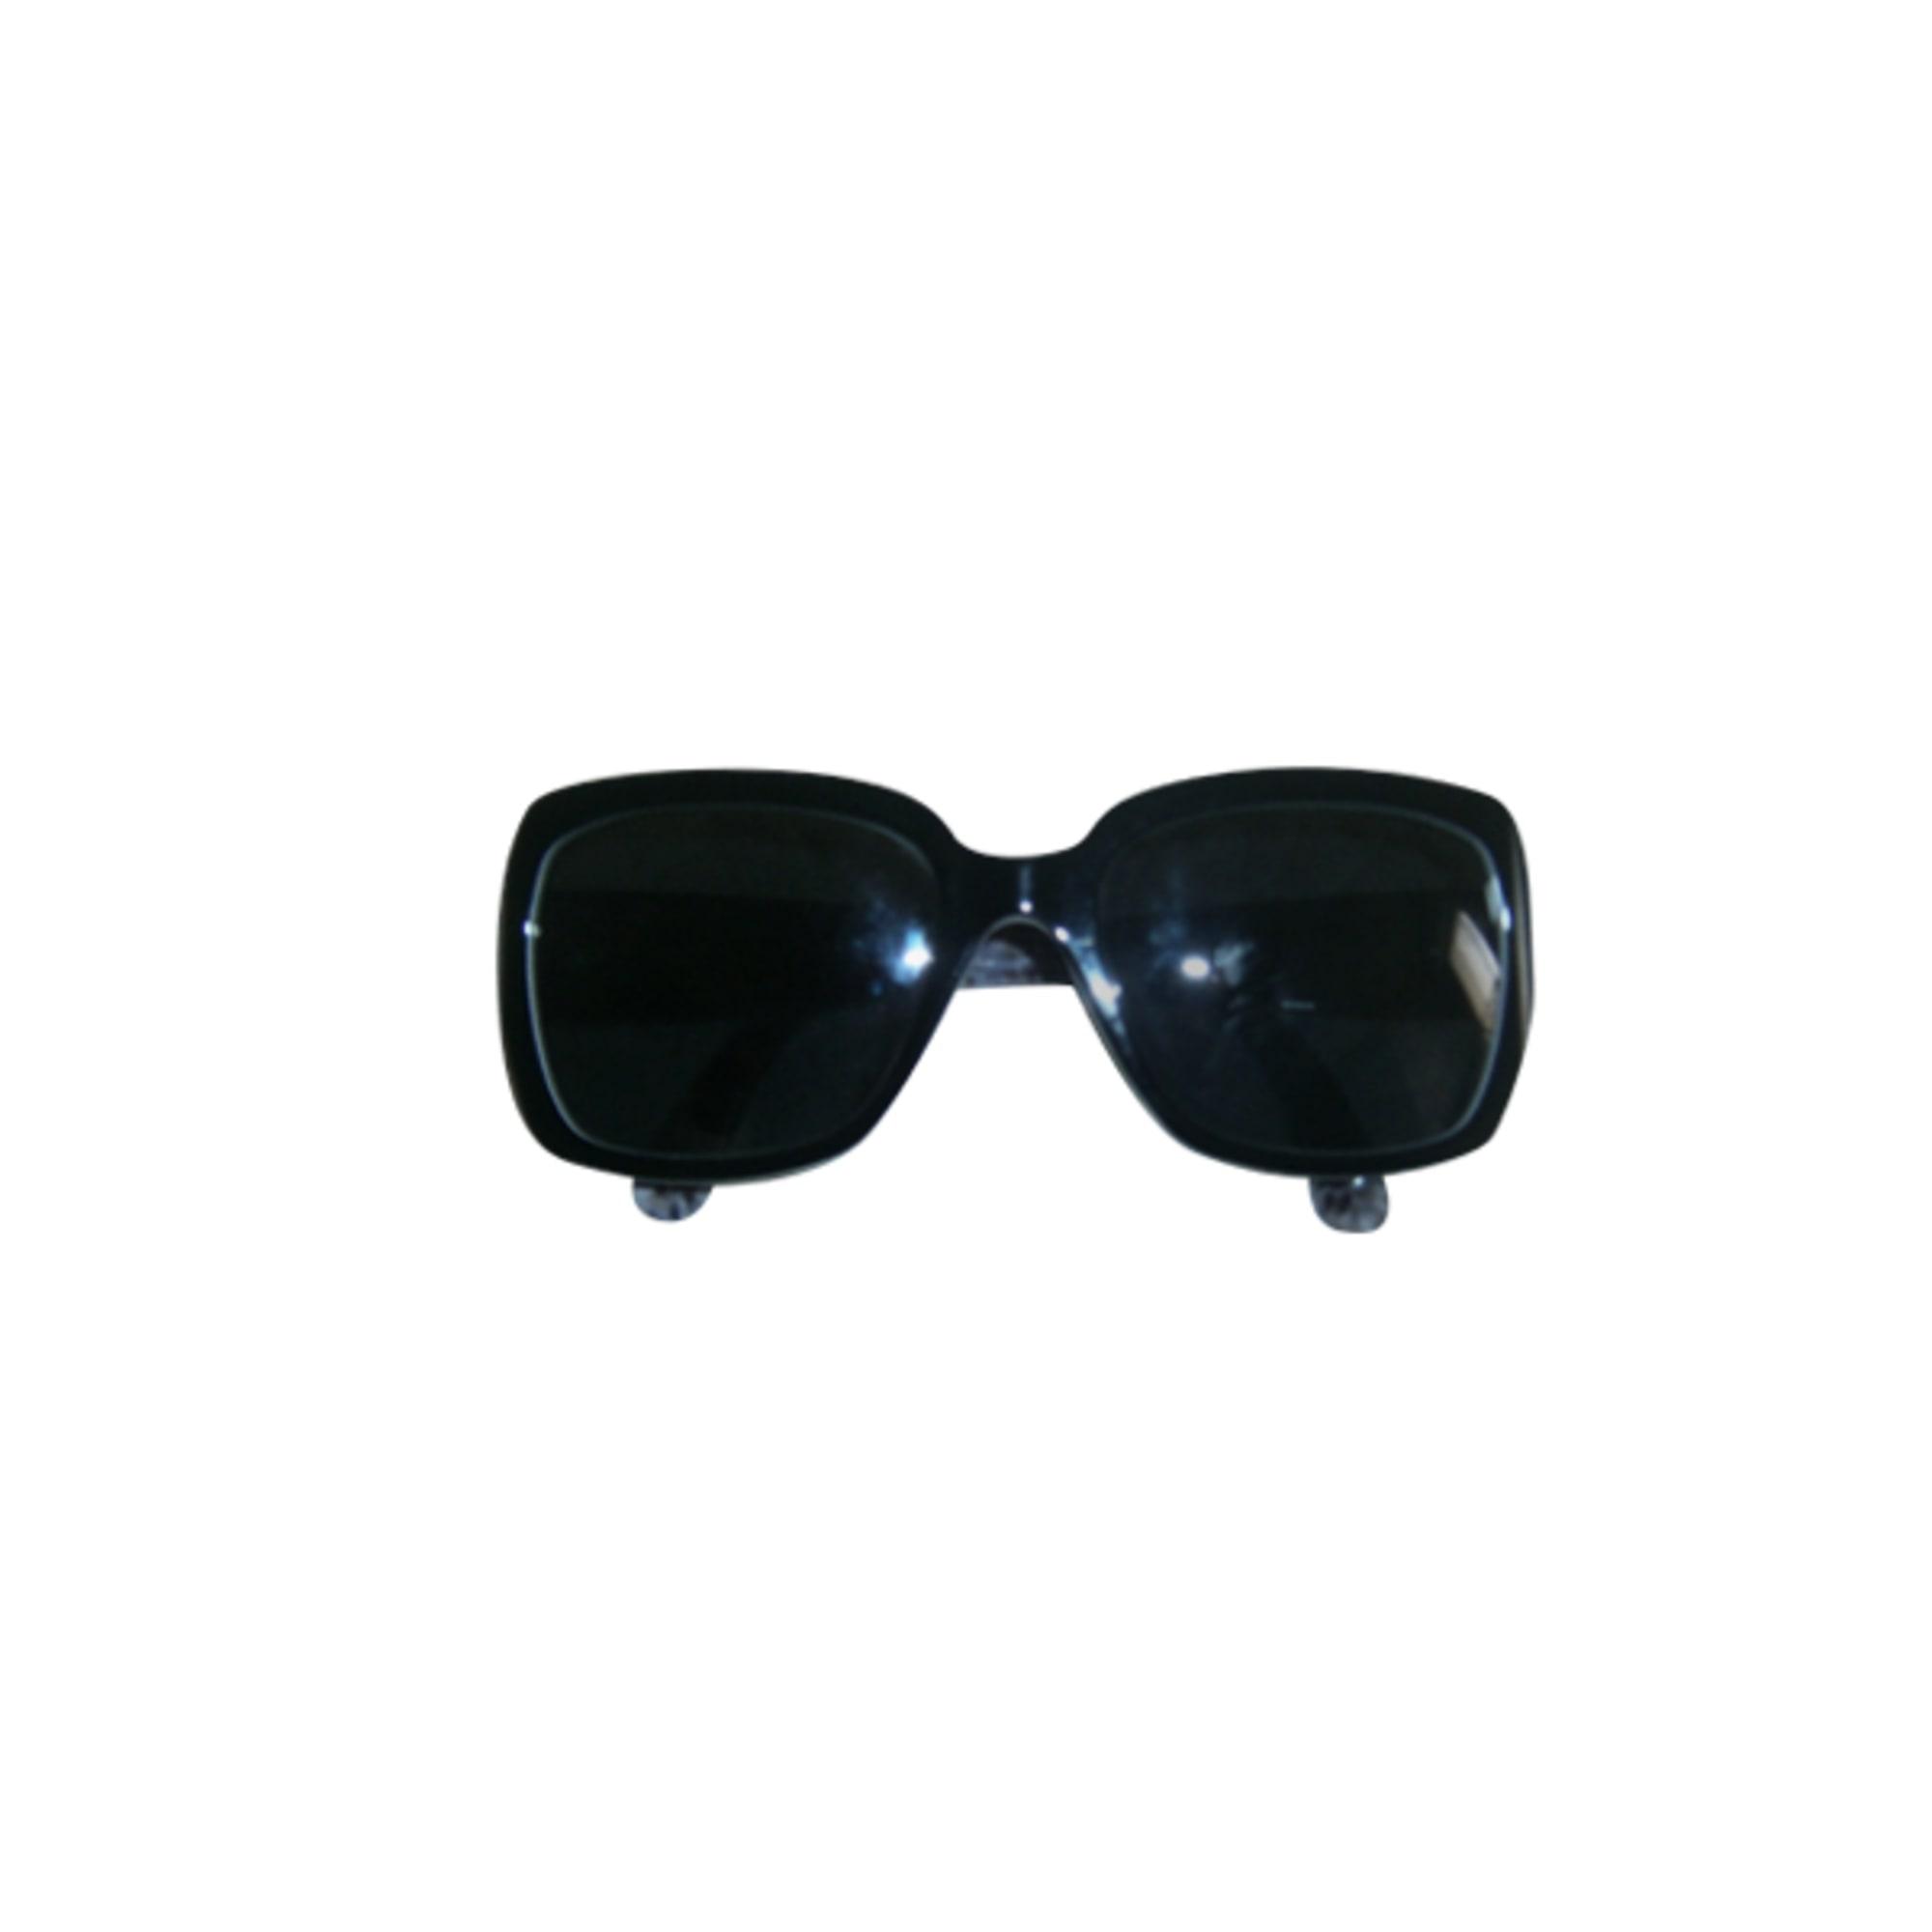 452640b2dd1 Lunettes de soleil CHANEL noir vendu par Agnietta - 904912